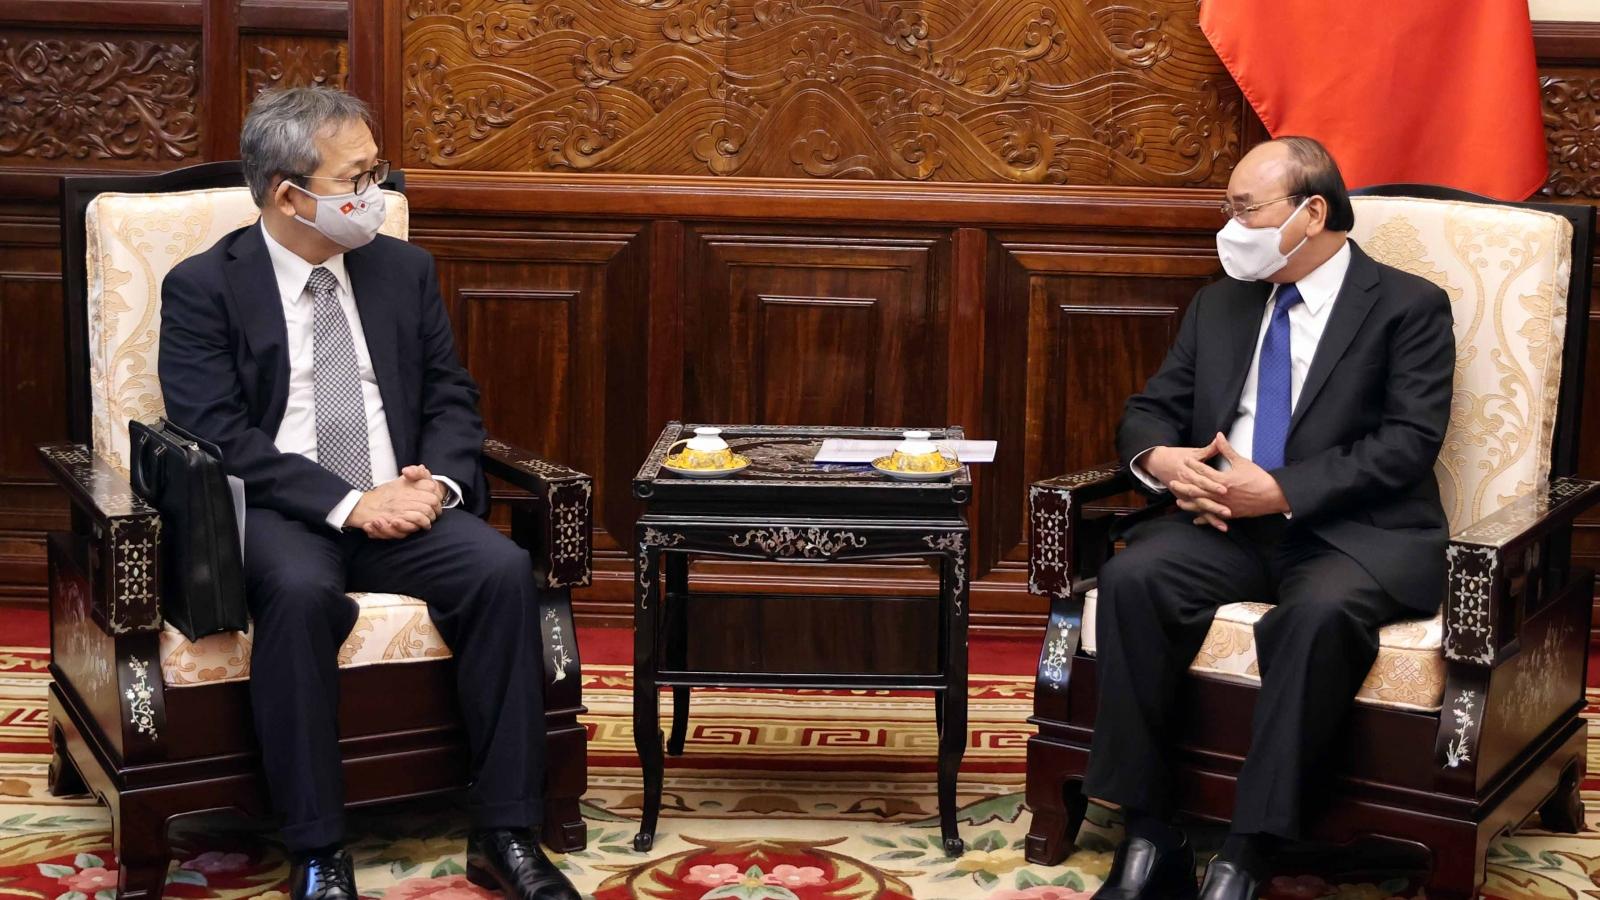 Chủ tịch nước tiếp Đại sứ Nhật Bản tại Việt Nam